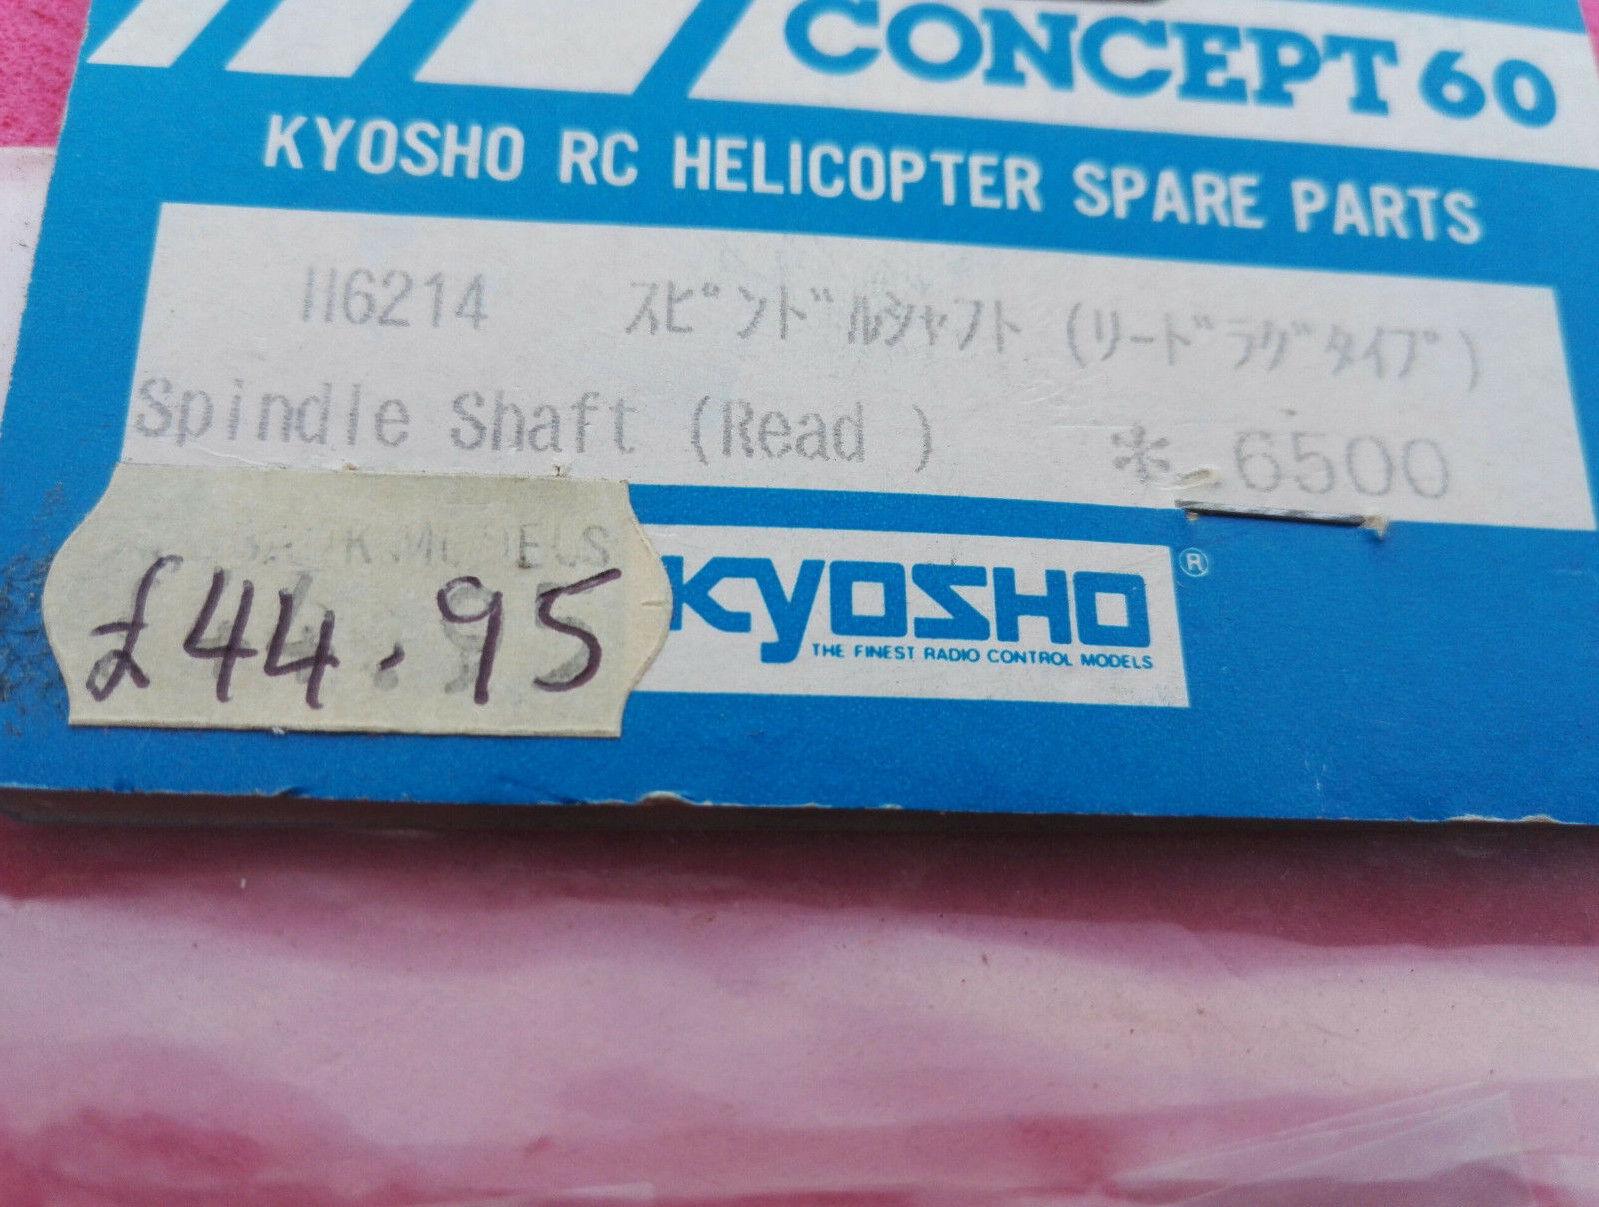 Kyosho konzept 60 erspart (spindel schacht)